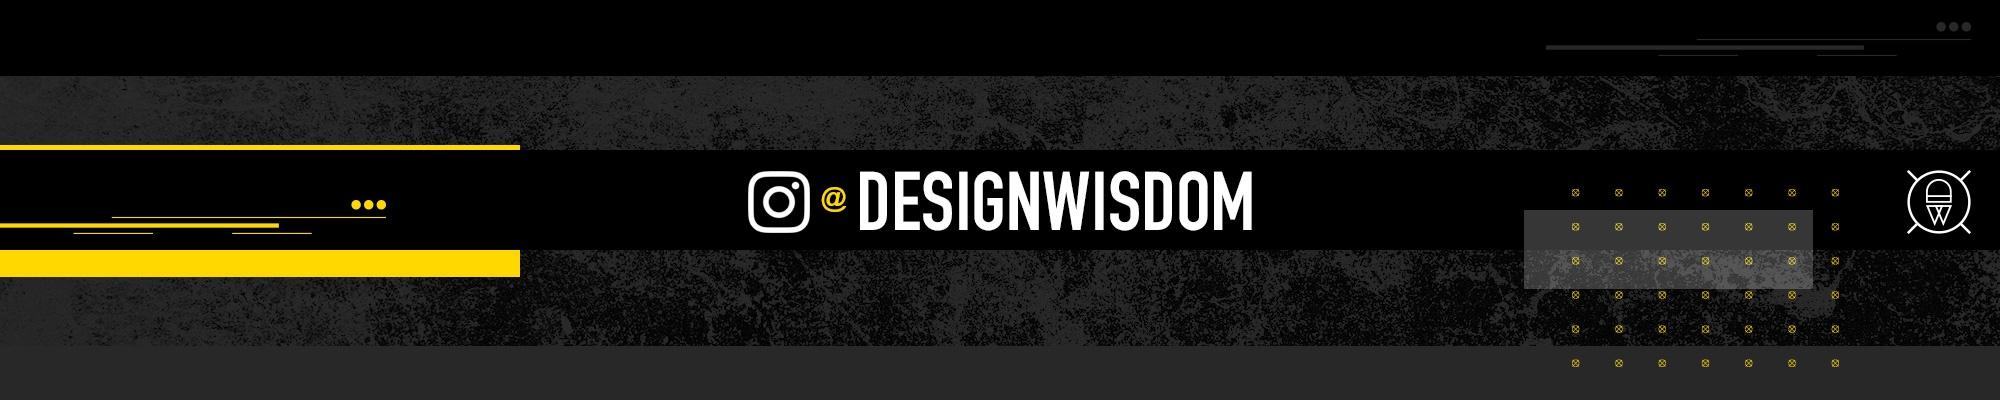 designwisdom Cover